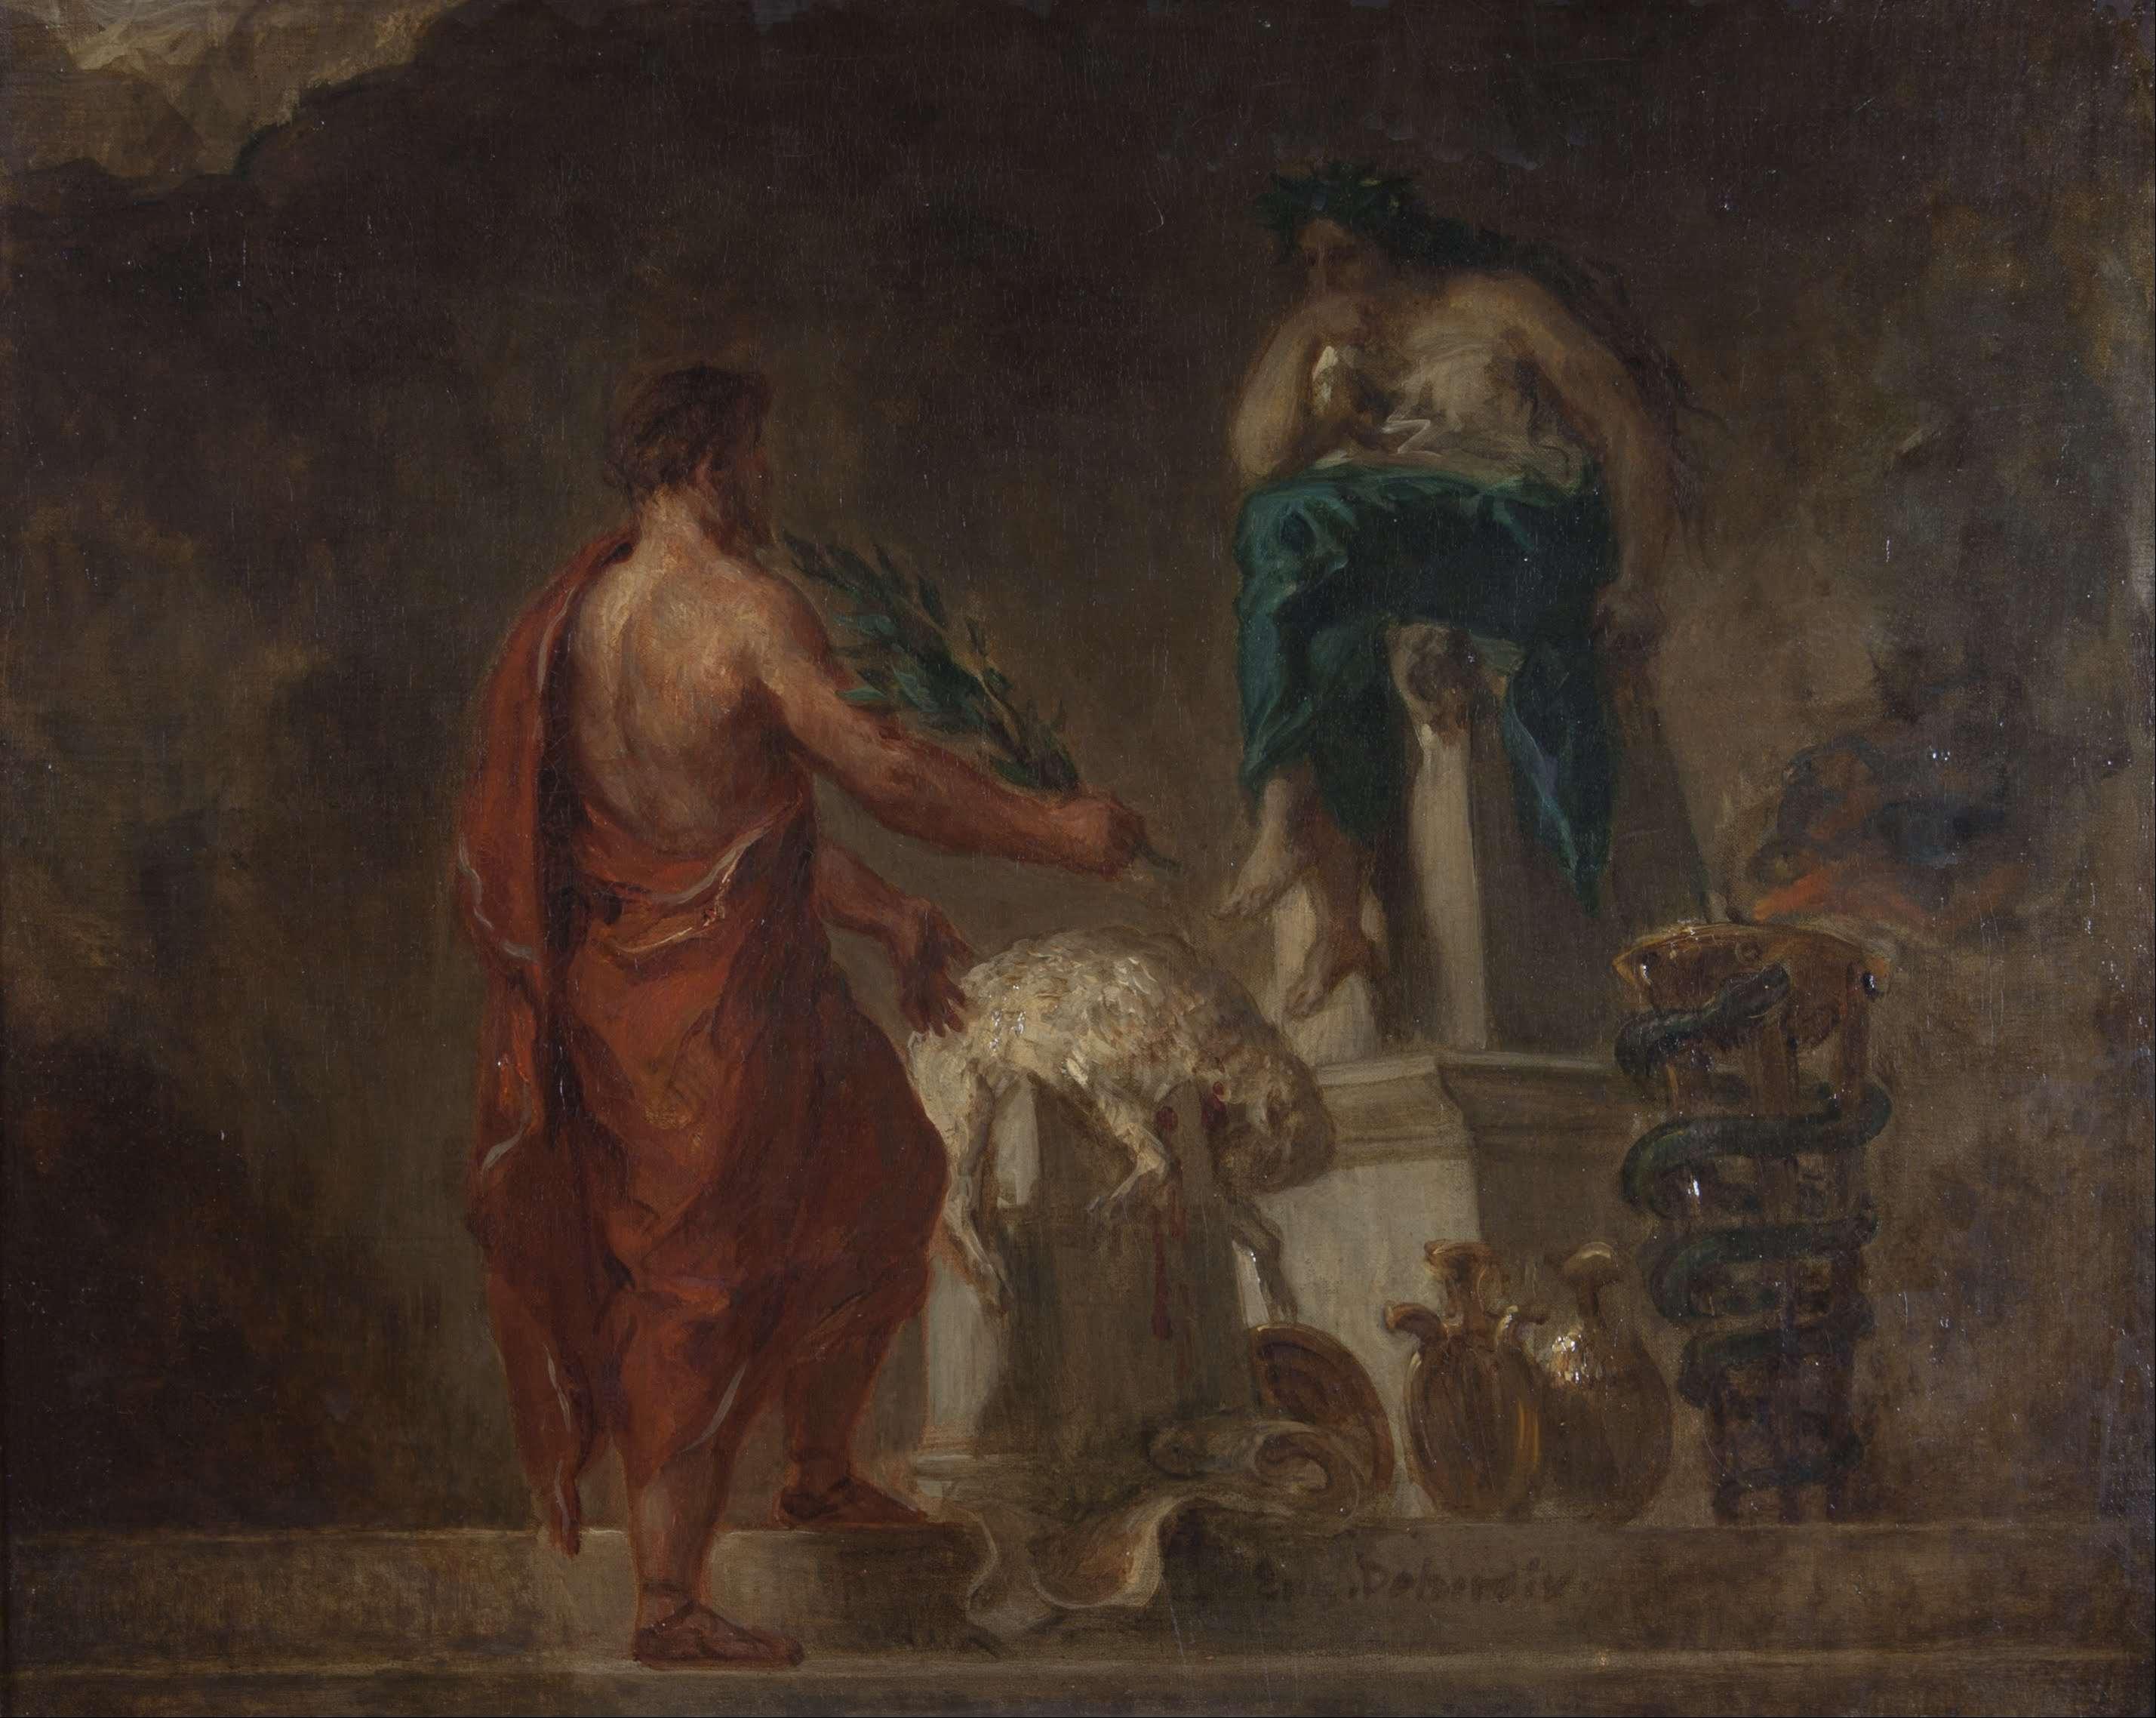 Ο Σπαρτιάτης νομοθέτης Λυκούργος ζητάει χρησμό από την Πυθία. Lycurgus Consulting the Pythia (1835/1845), as imagined by Eugène Delacroix.